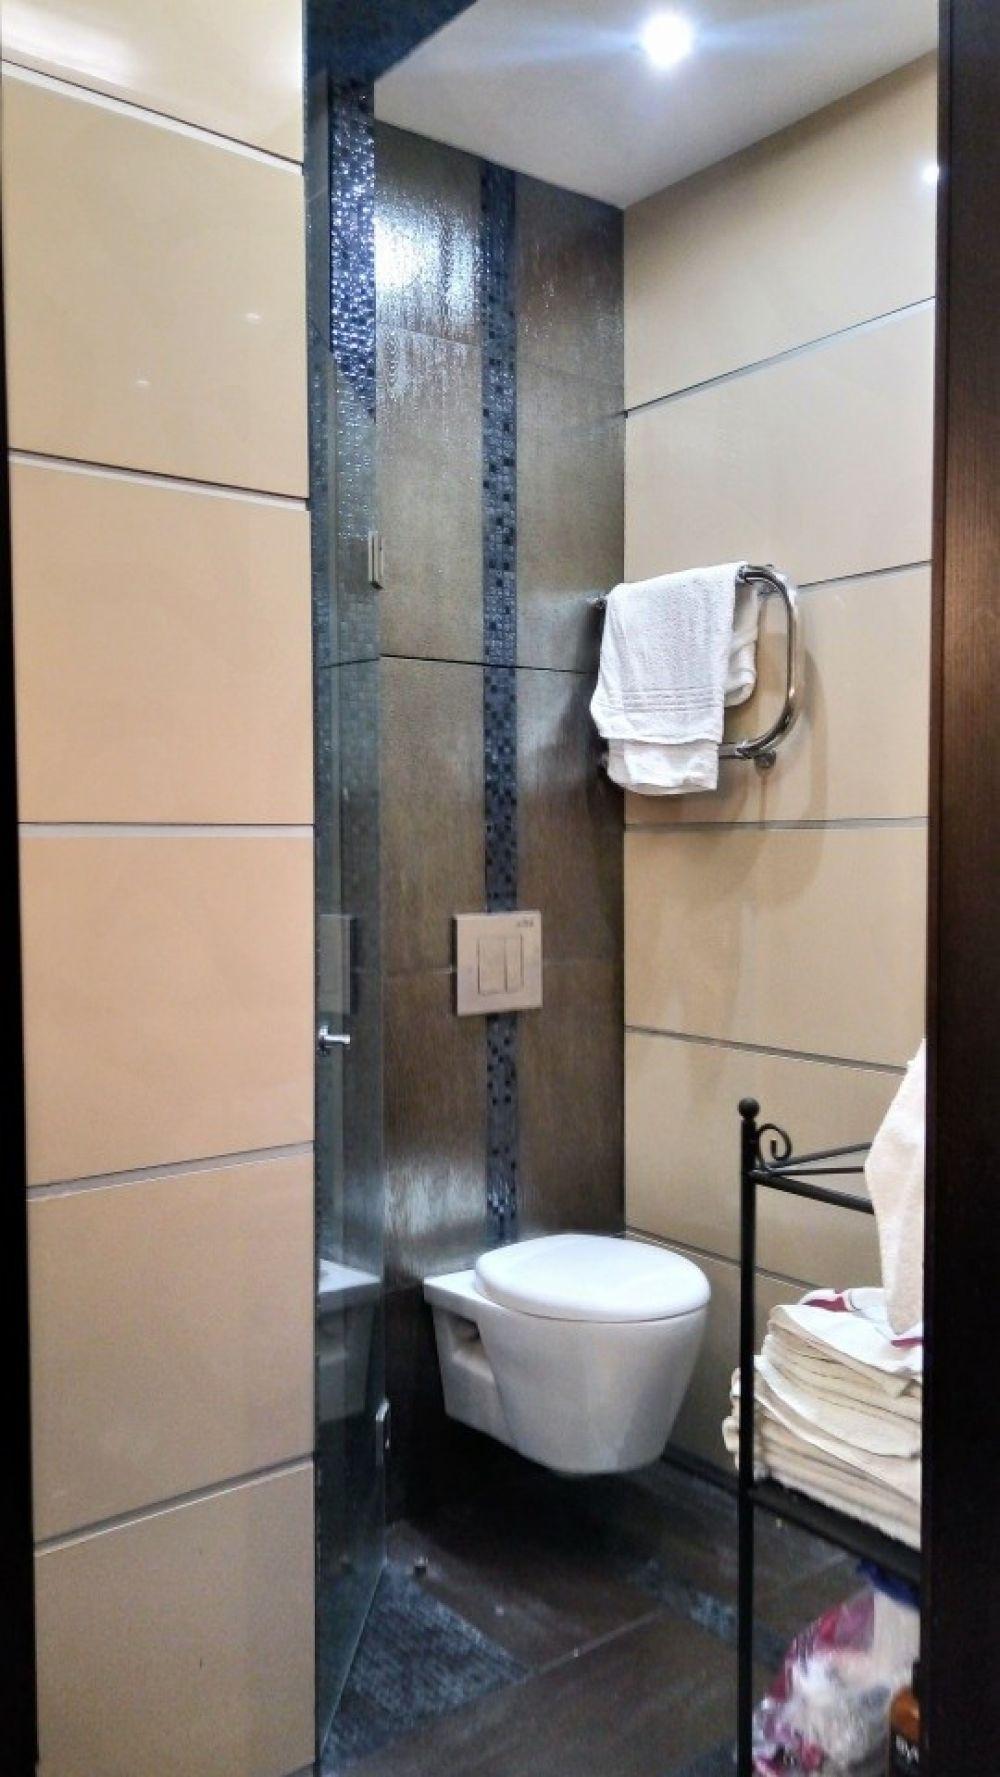 Продается 1-к квартира  городской округ Лосино-Петровский Аничково дом 4, фото 9